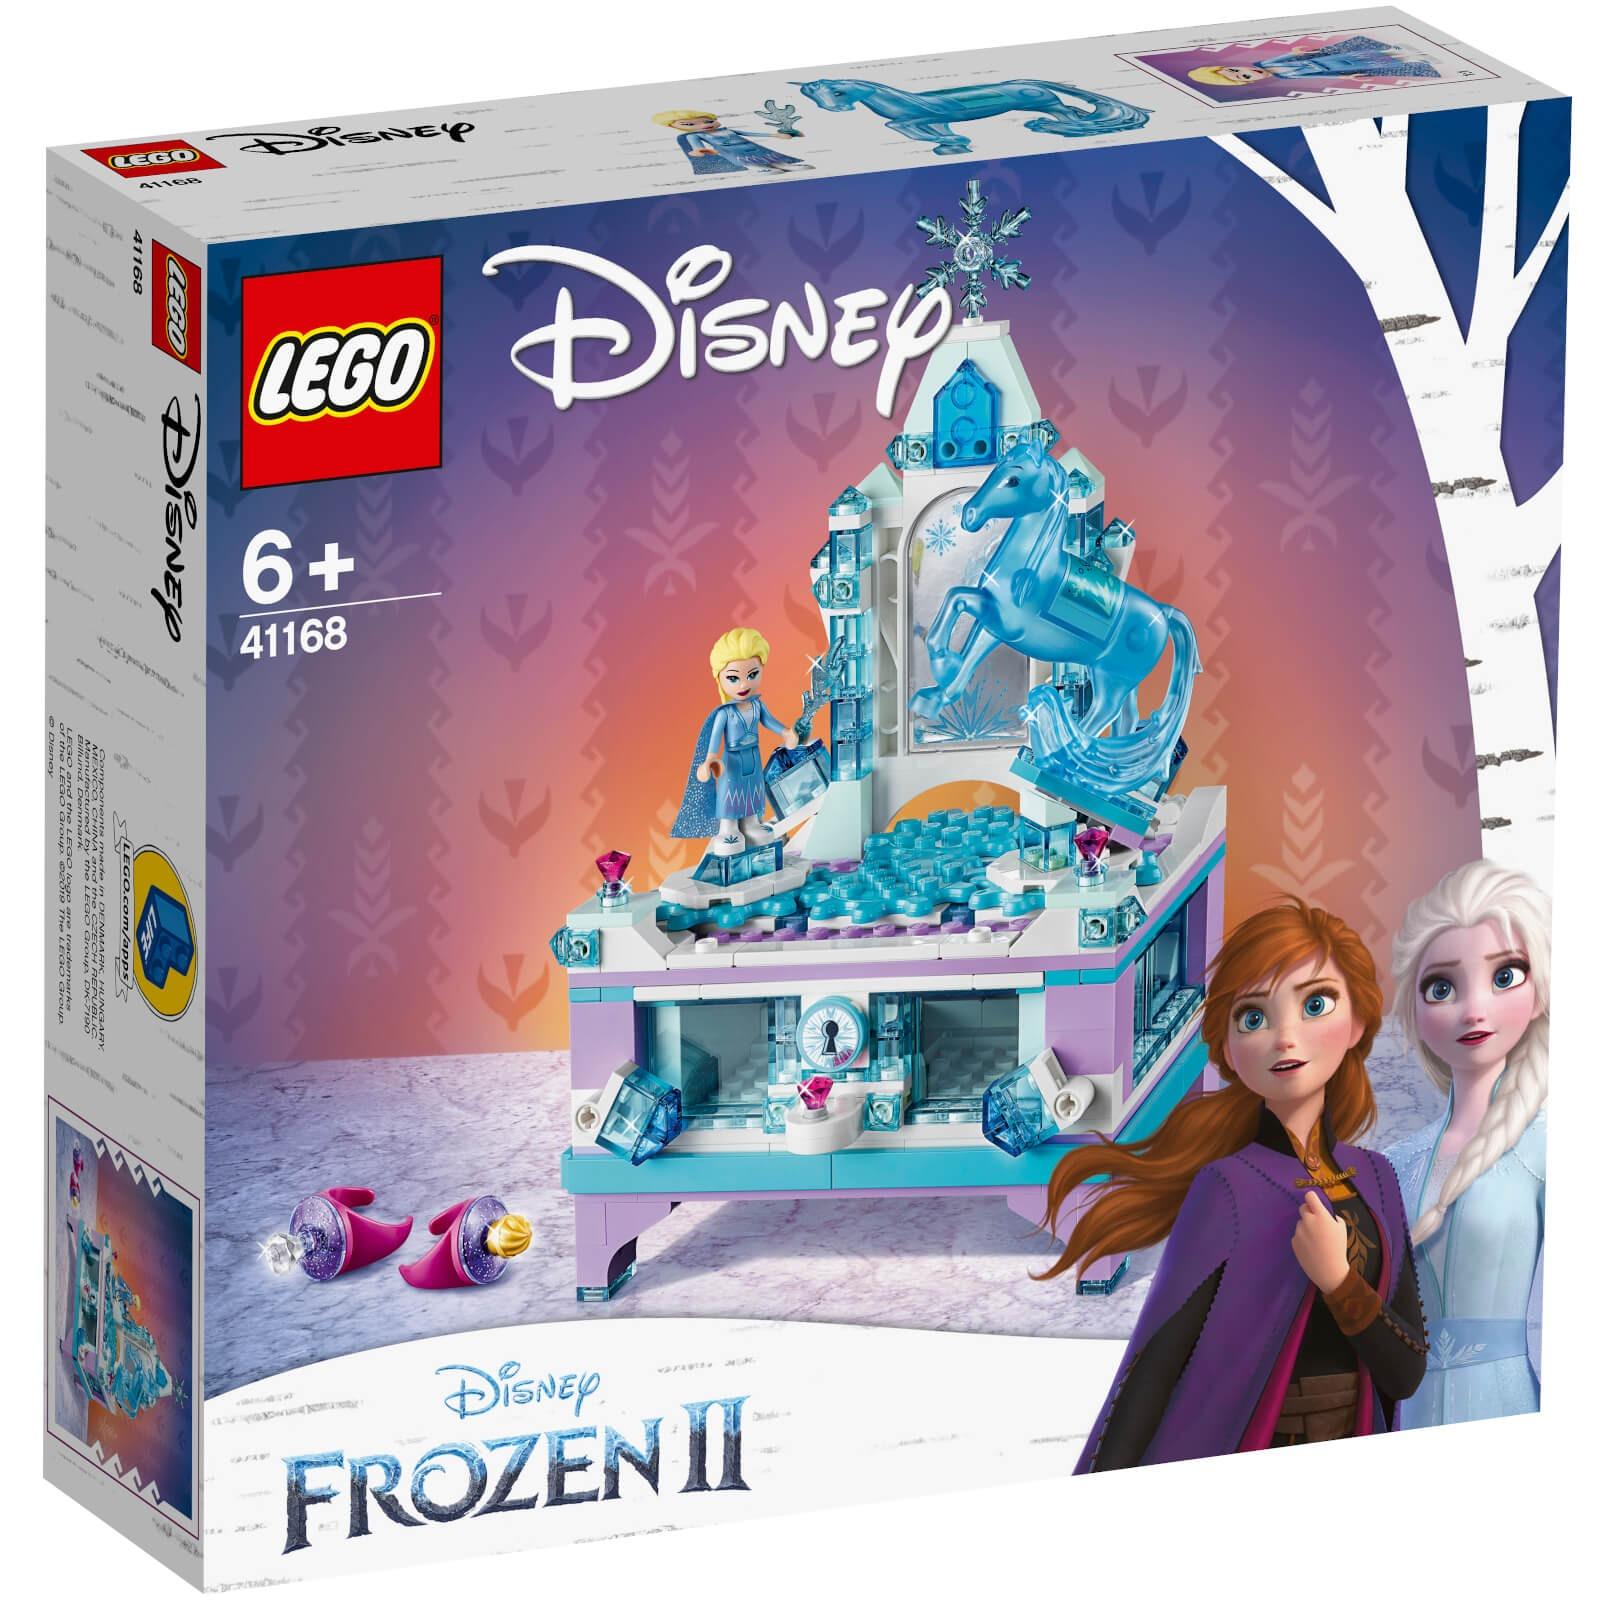 免郵!LEGO 樂高迪士尼公主 艾莎的創意珠寶盒 (41168)